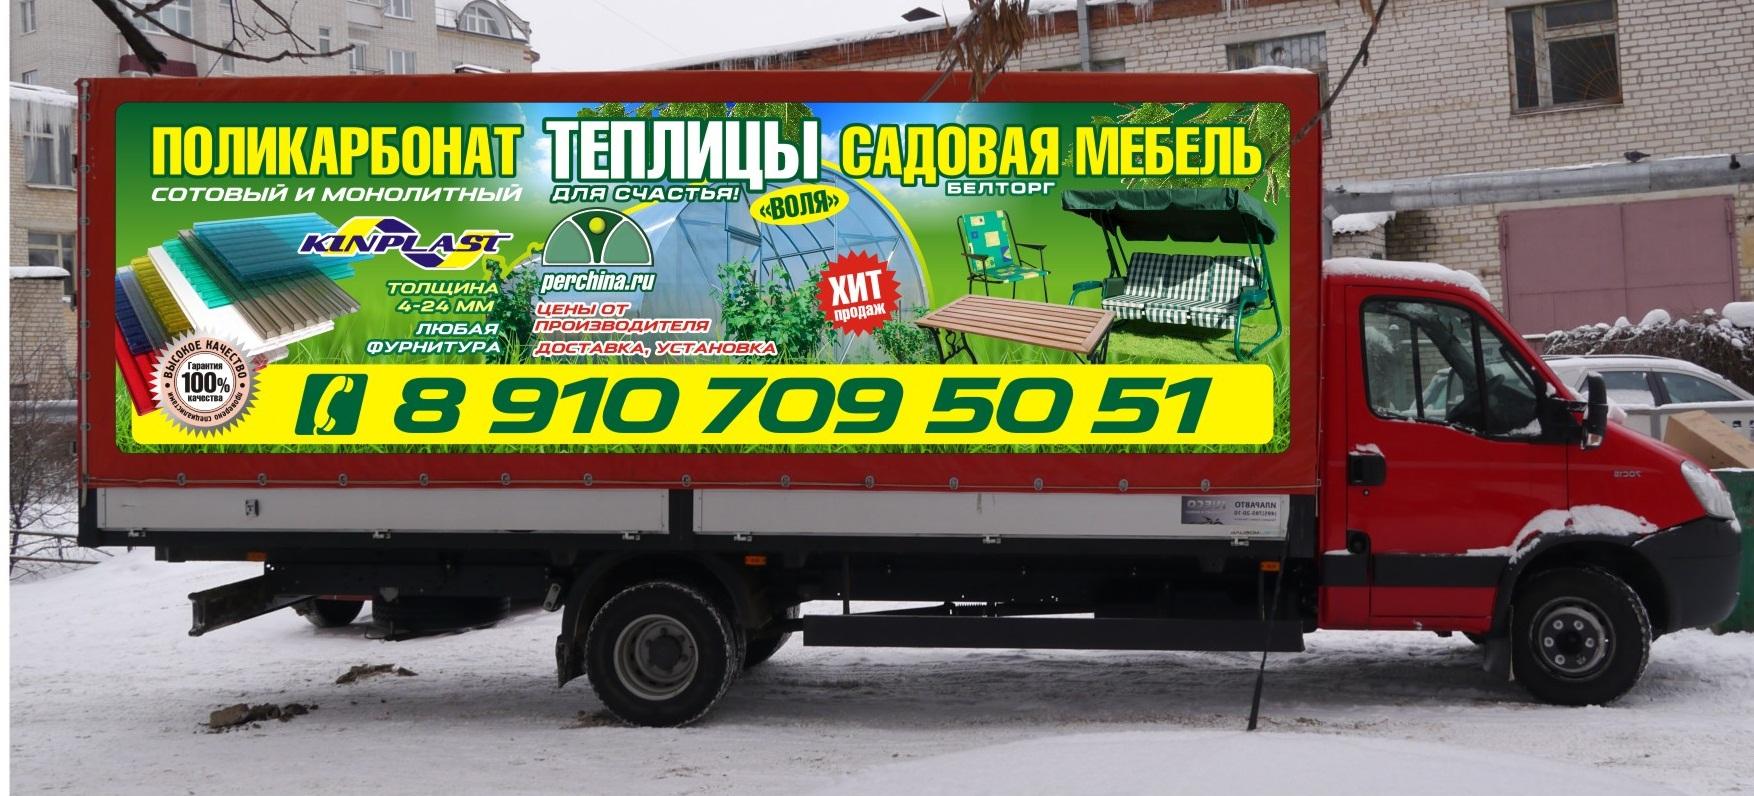 Доставка теплиц по Калуге и области